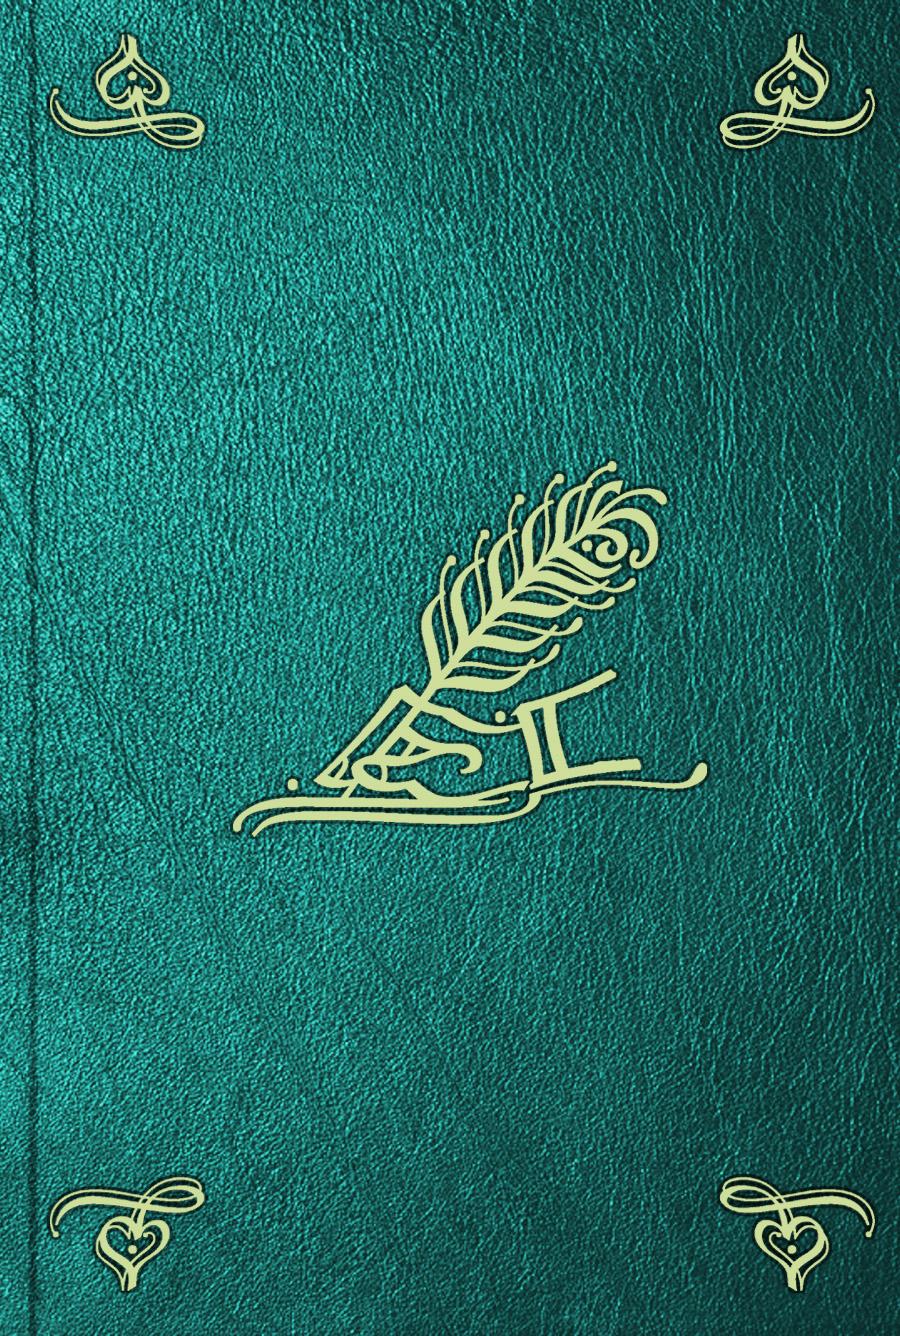 Barry Edward O'Meara Documents particuliers, en forme de lettres, sur Napoléon Bonaparte a hollins morceau de concert en forme de valse